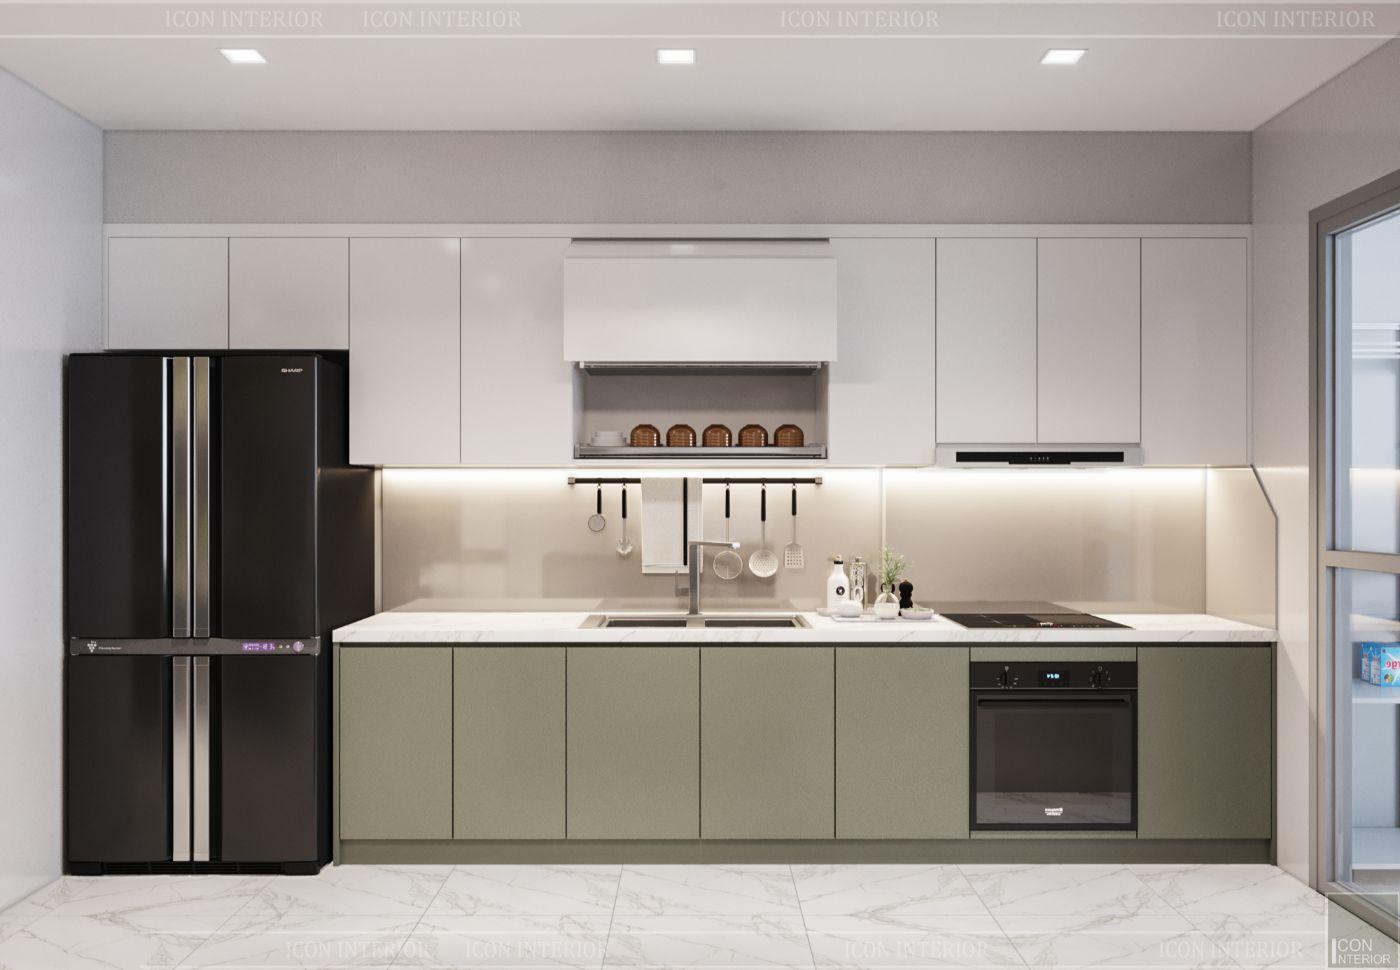 thiết kế nội thất nhà hiện đại - phòng bếp 1